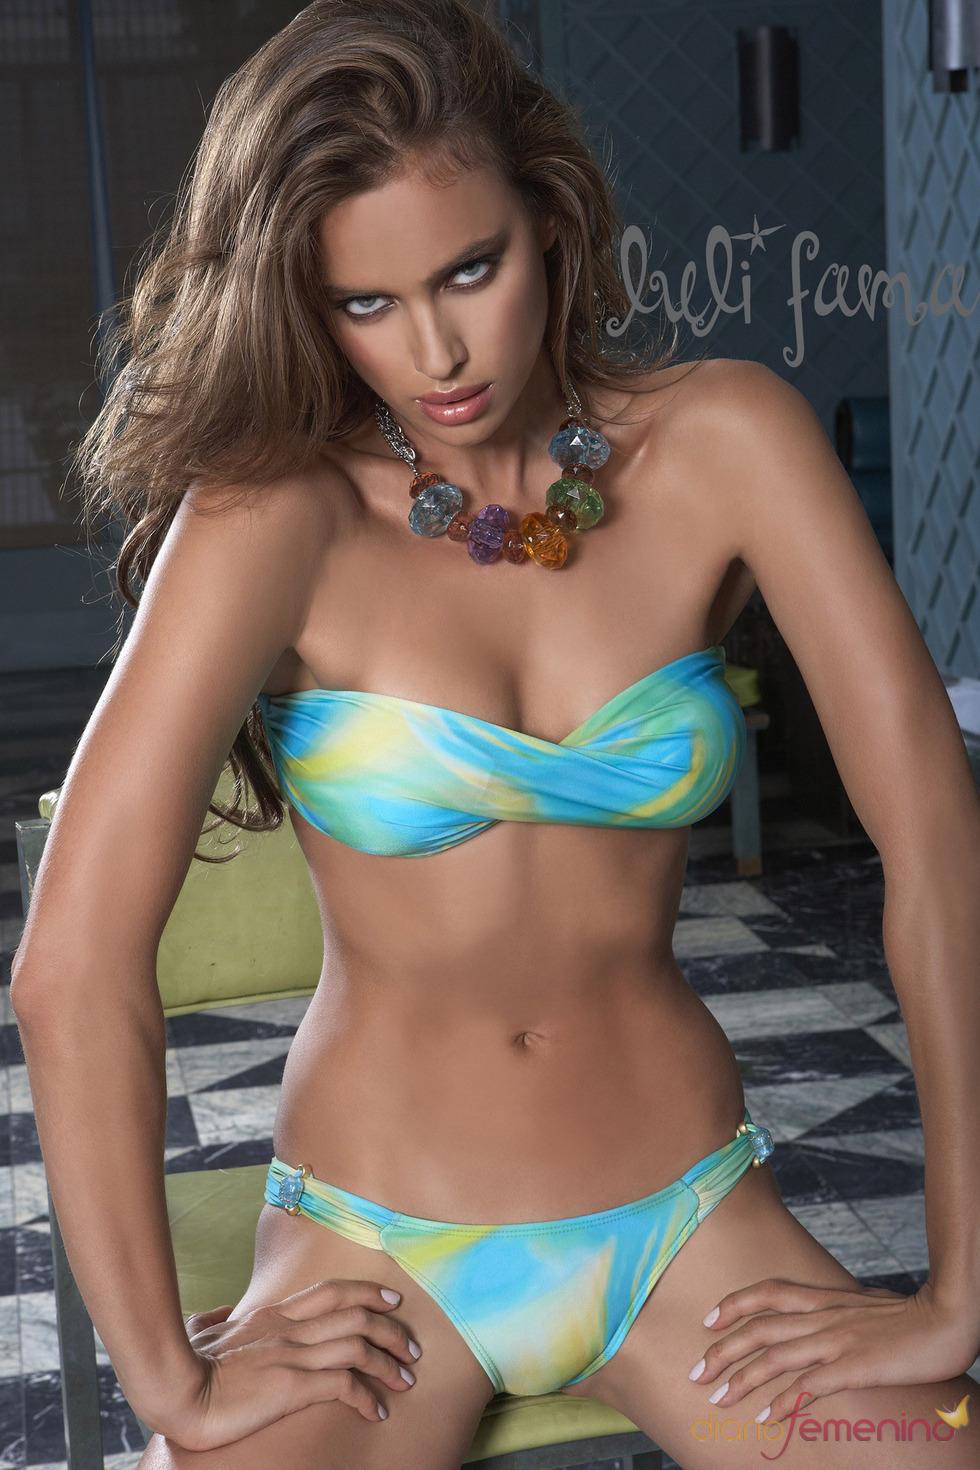 Irina Shayk espectacular con un bikini tricolor